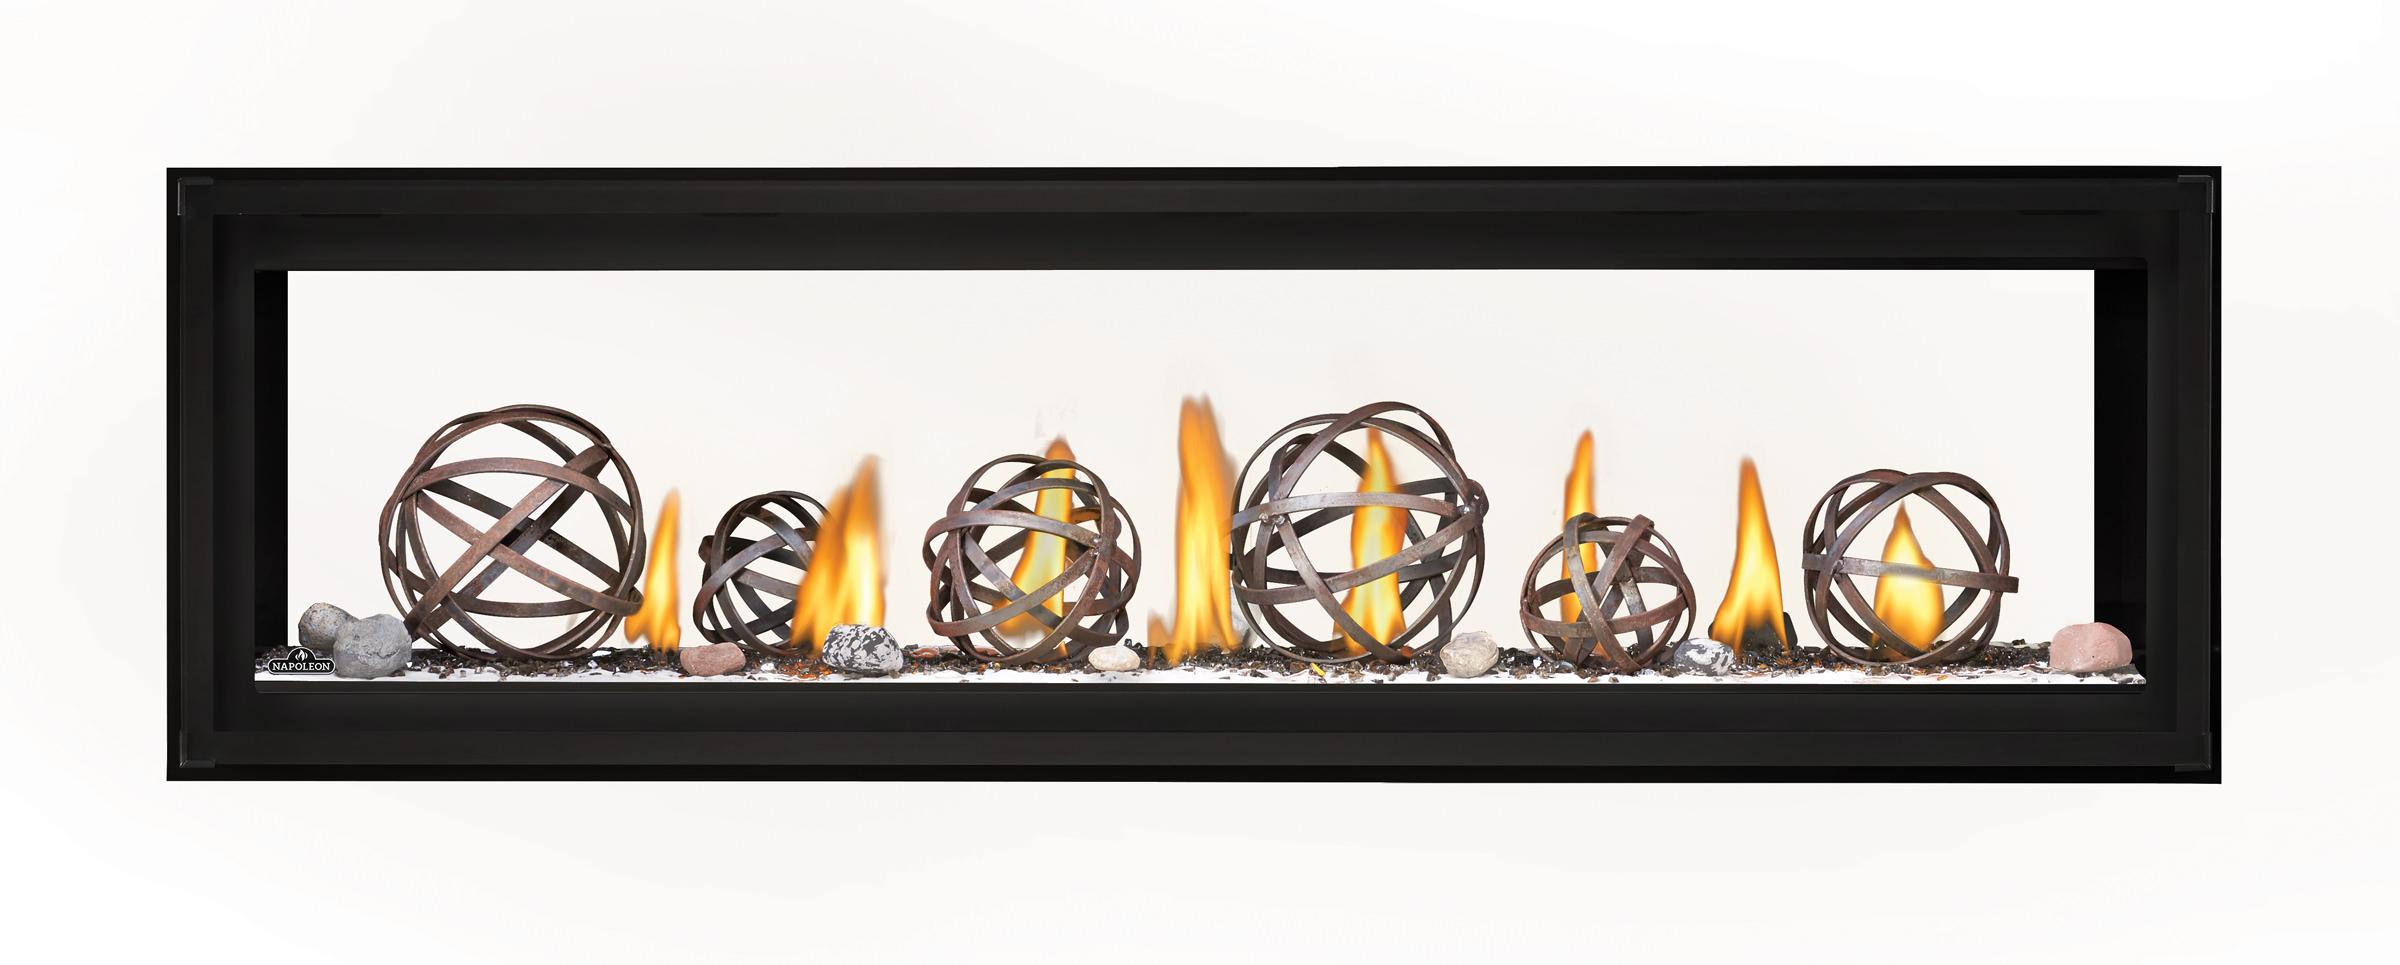 Napoleon Luxuria-LVX62 See Thru-Wrought-Iron-Globes-ShoreFire